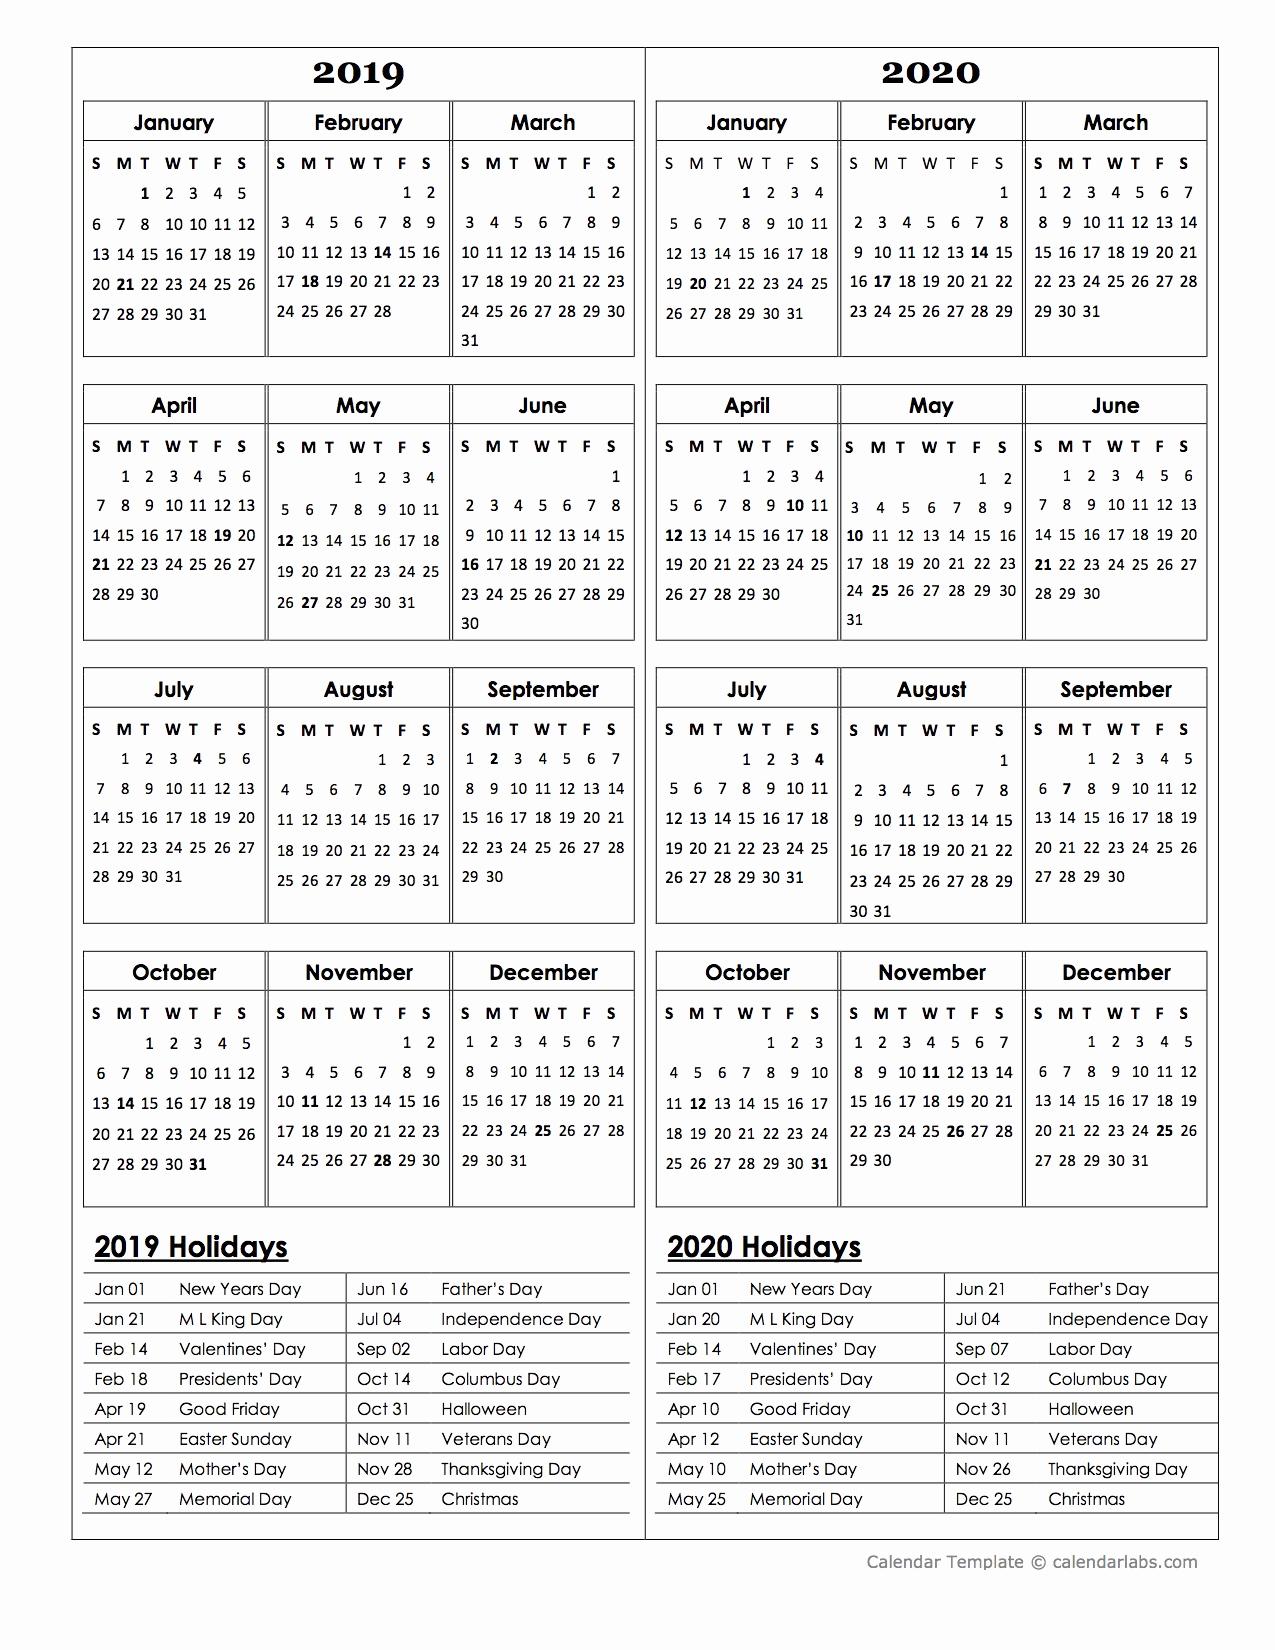 Free Printable 2020 Calendar Templates - March 2020 Calendar Printable with regard to Free Printable Unicorn Calendar 2019-2020